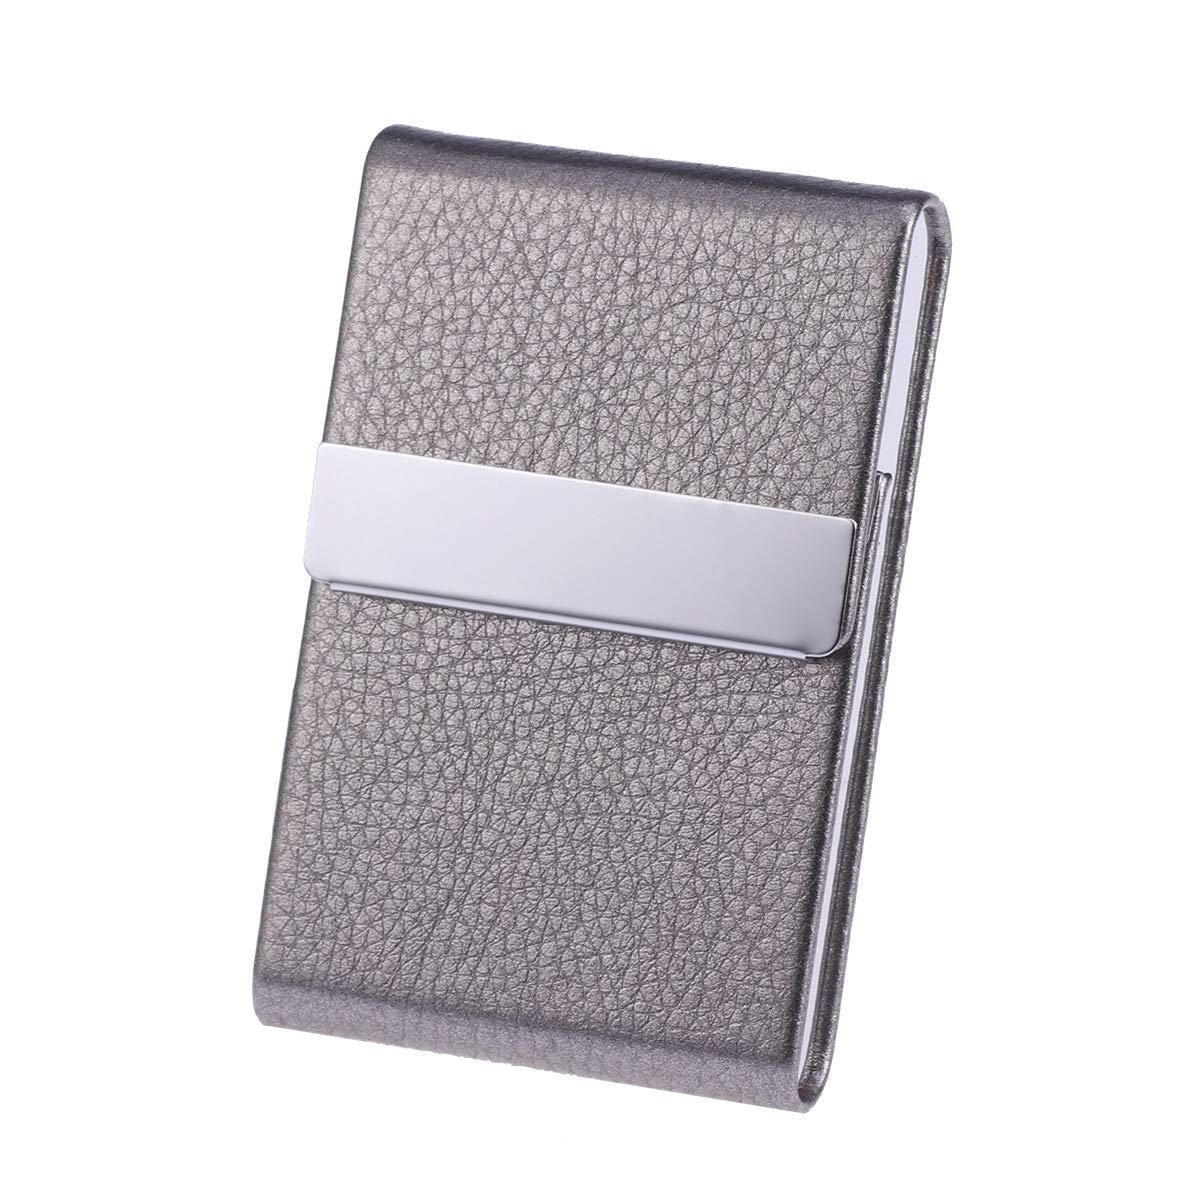 STOBOK Estuche para tarjetas Metal Capacidad grande Sección vertical Nombre comercial Titular de la tarjeta Moda Unisex Visite PU Cuero Caja de acero sólido (Gris): Amazon.es: Hogar